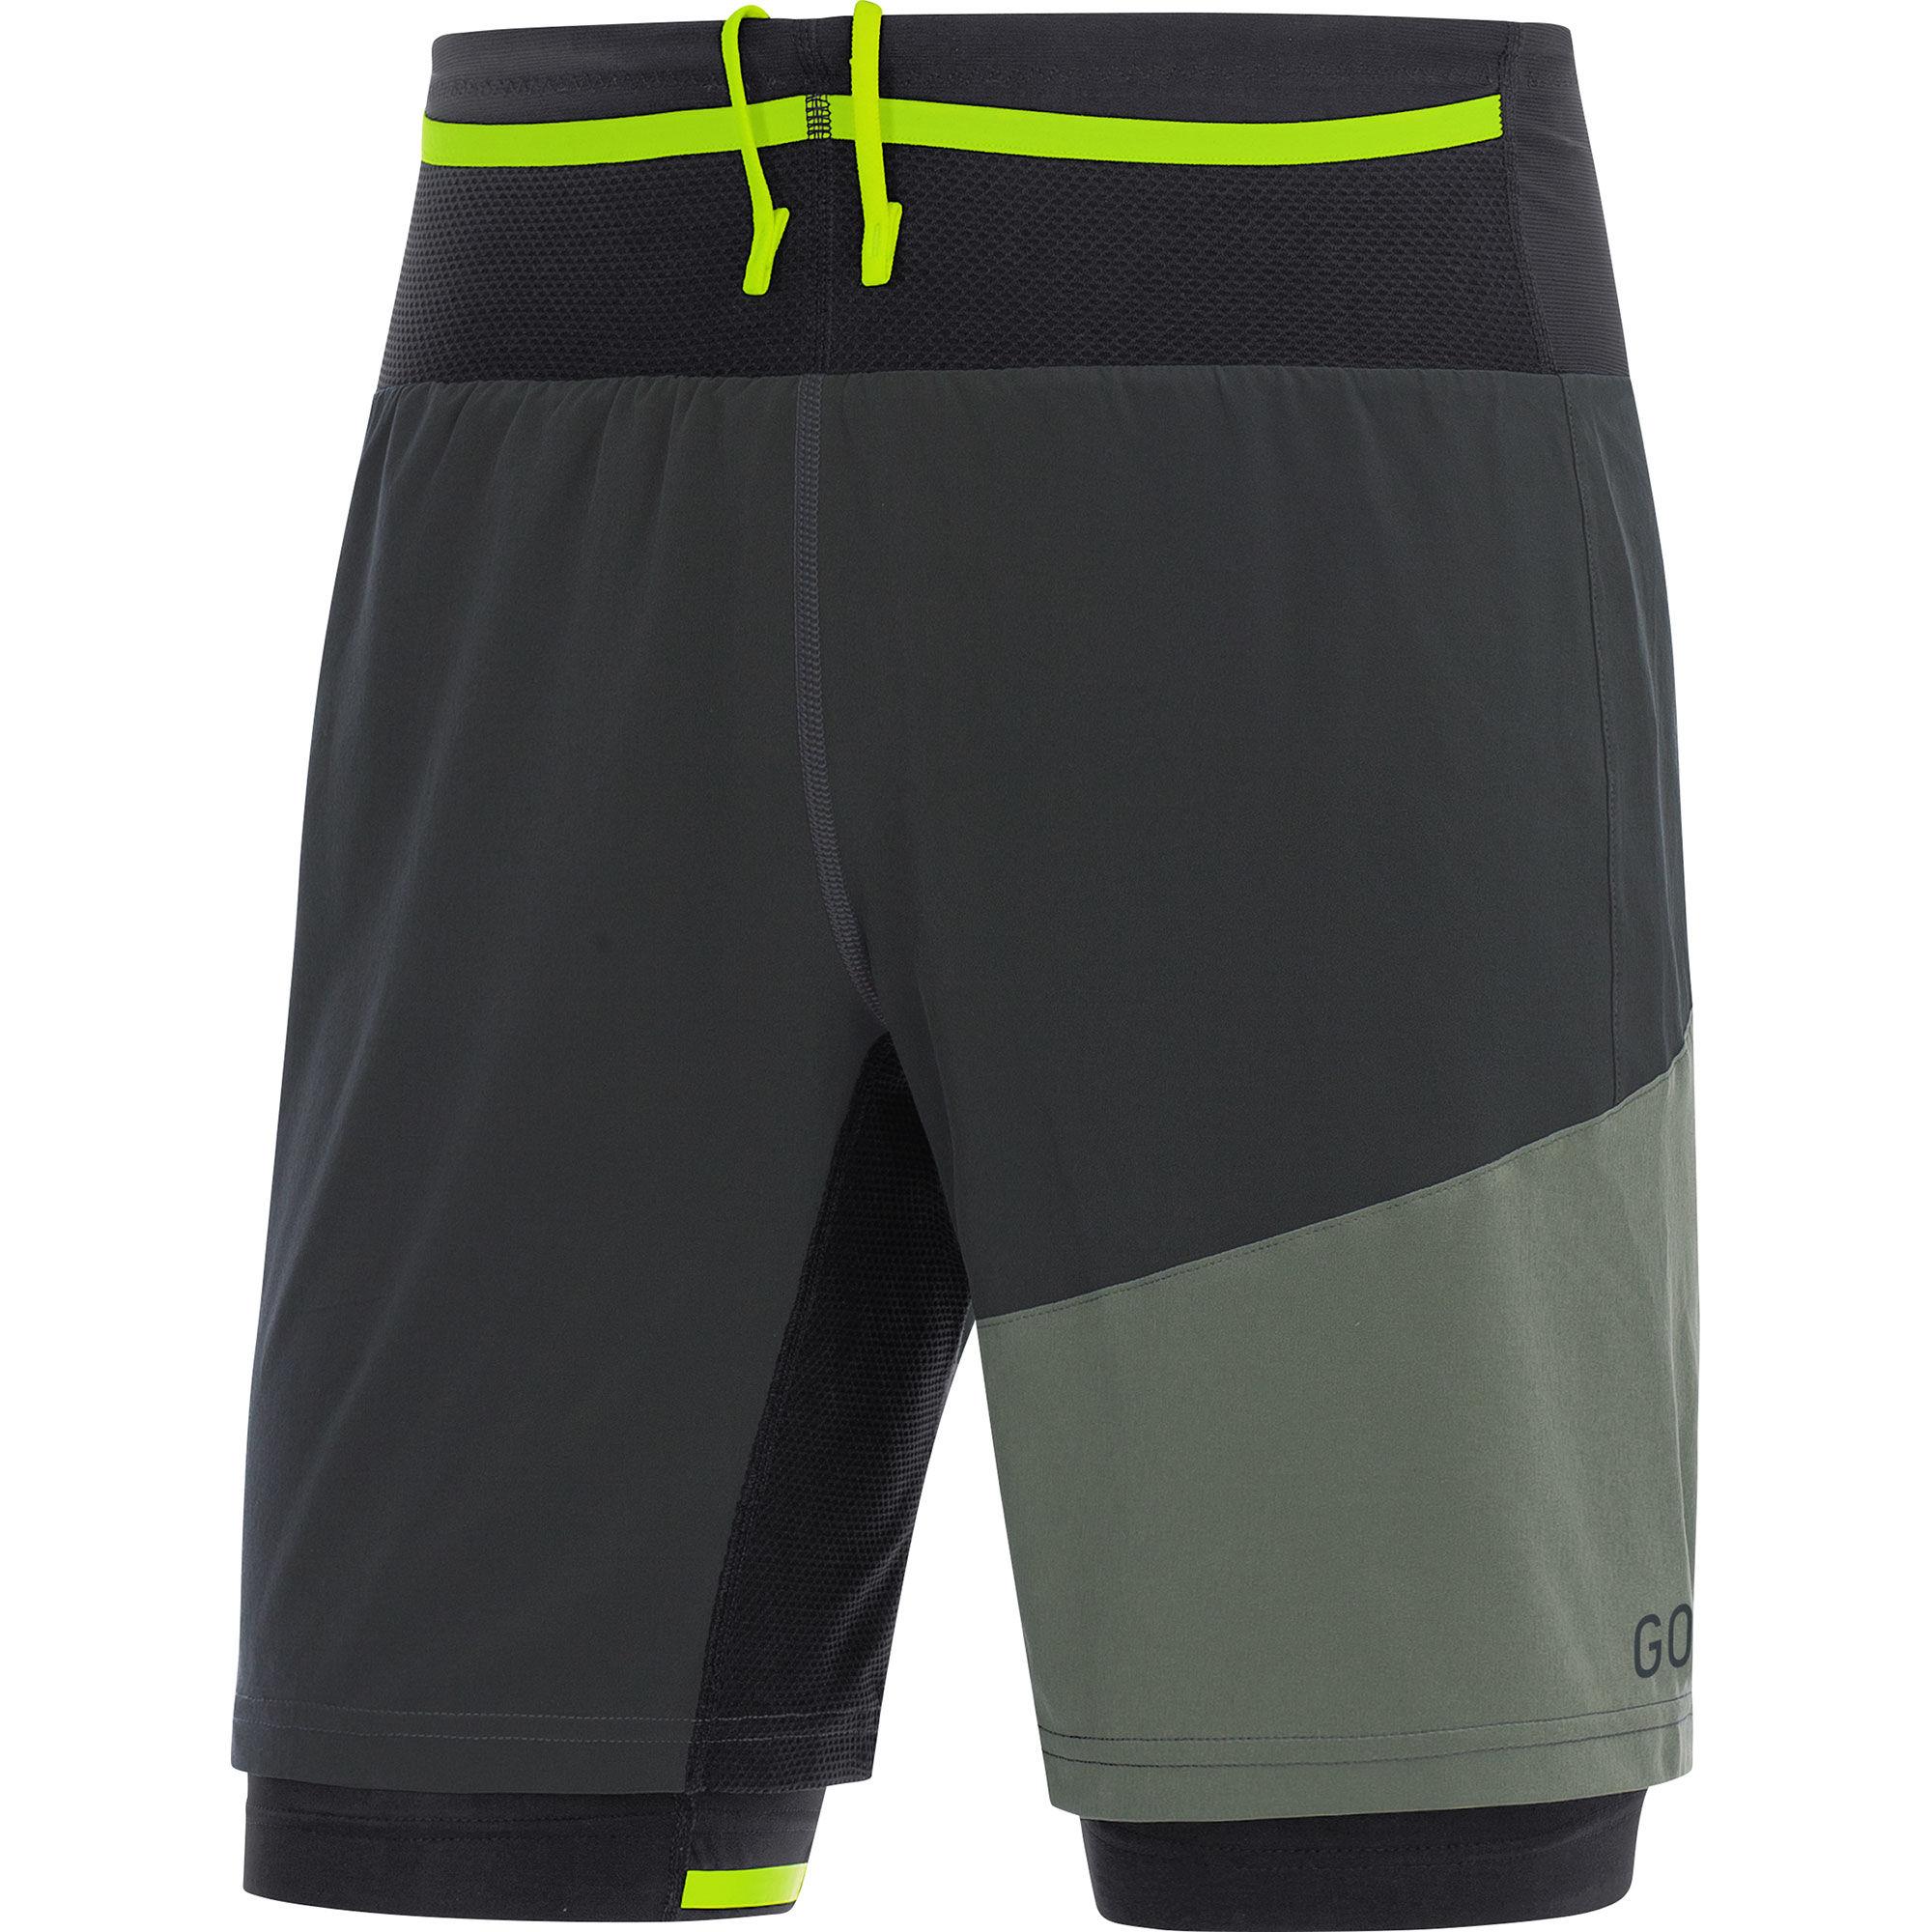 Gore R7 2in1 Shorts in Grau